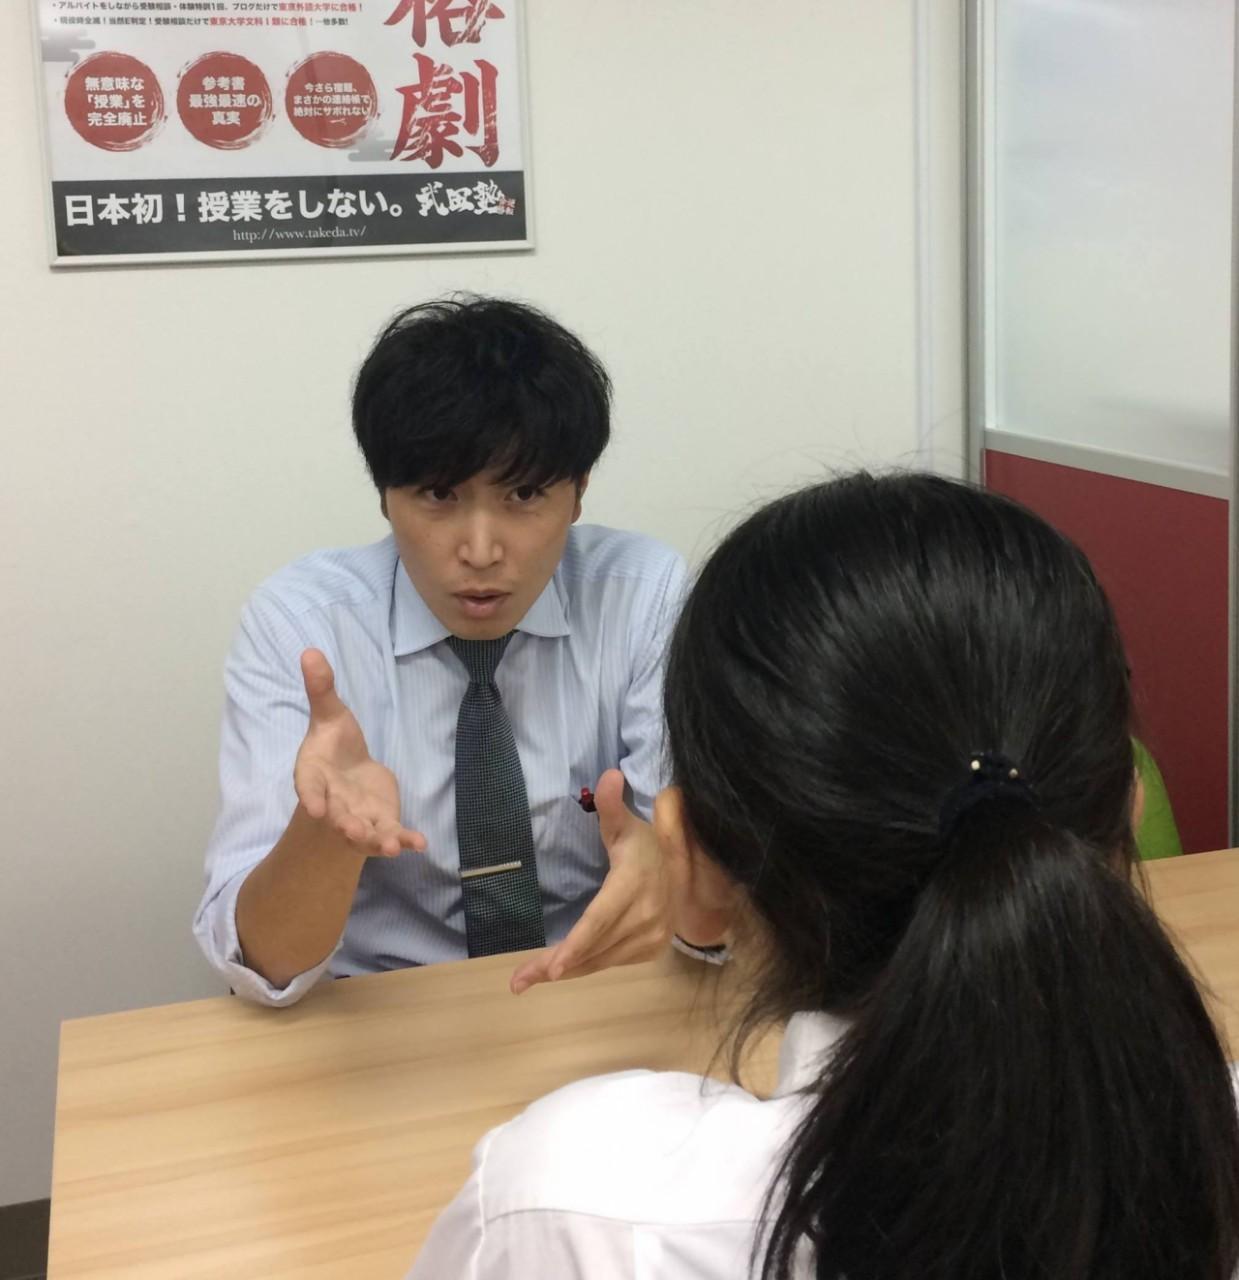 武田 神戸 湊川 実績 校舎 安心 湊川公園 塾 先生